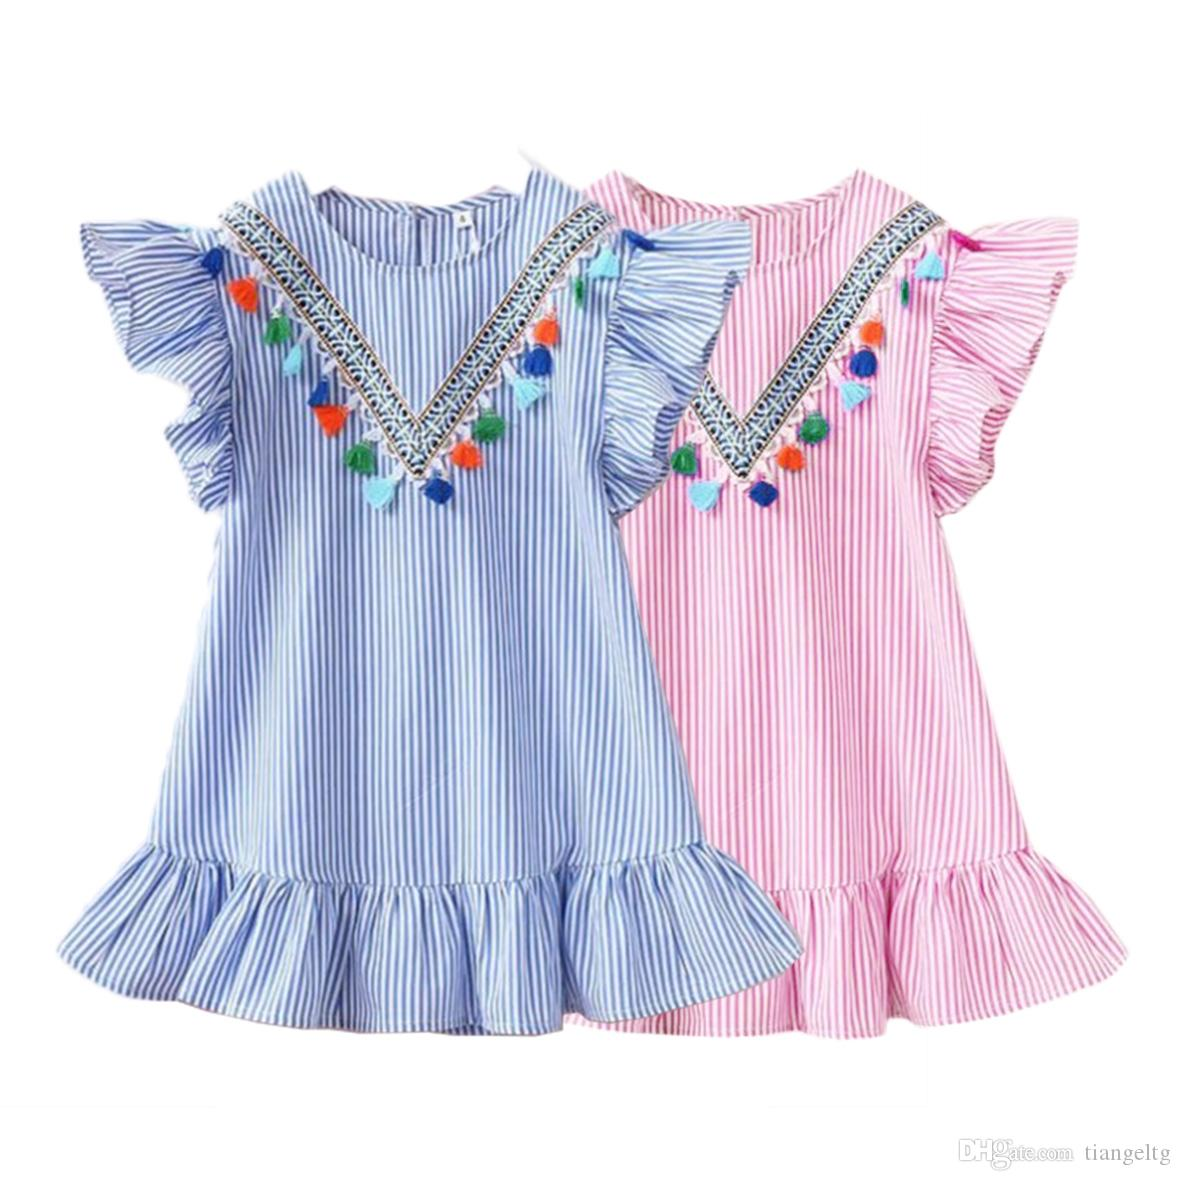 بنات مخطط اللباس مع الشرابة ورقة لوتس جولة كم الرقبة V تصميم بنات الطفل تنورة الزي 3-7T